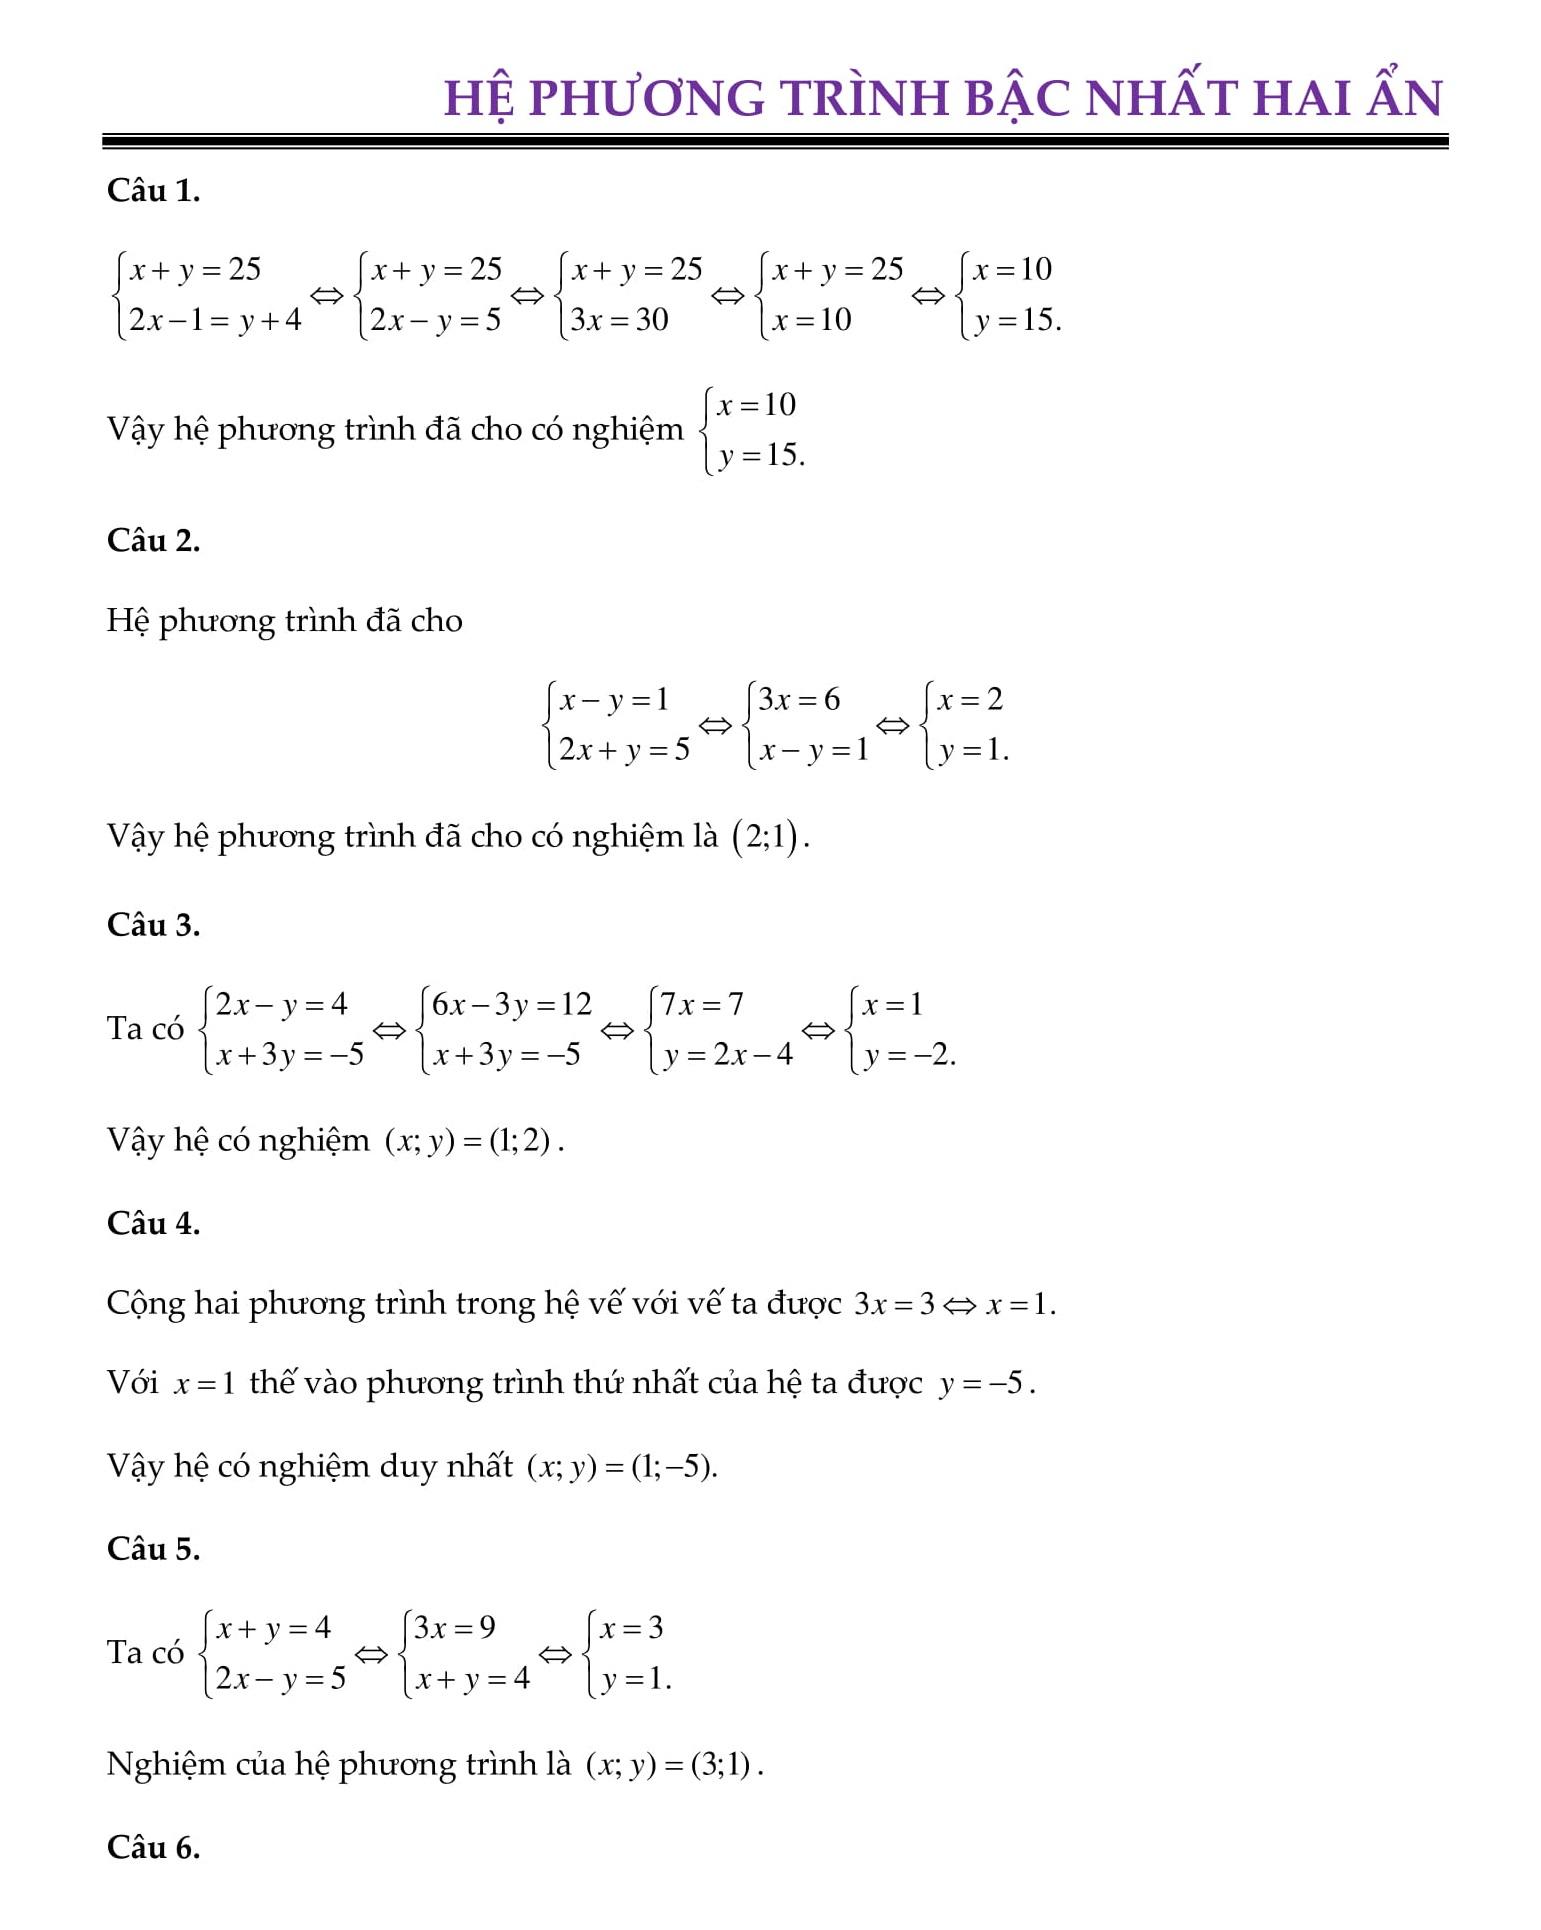 Đề cương HK2 Toán 9 phần đại số (bài tập + giải)